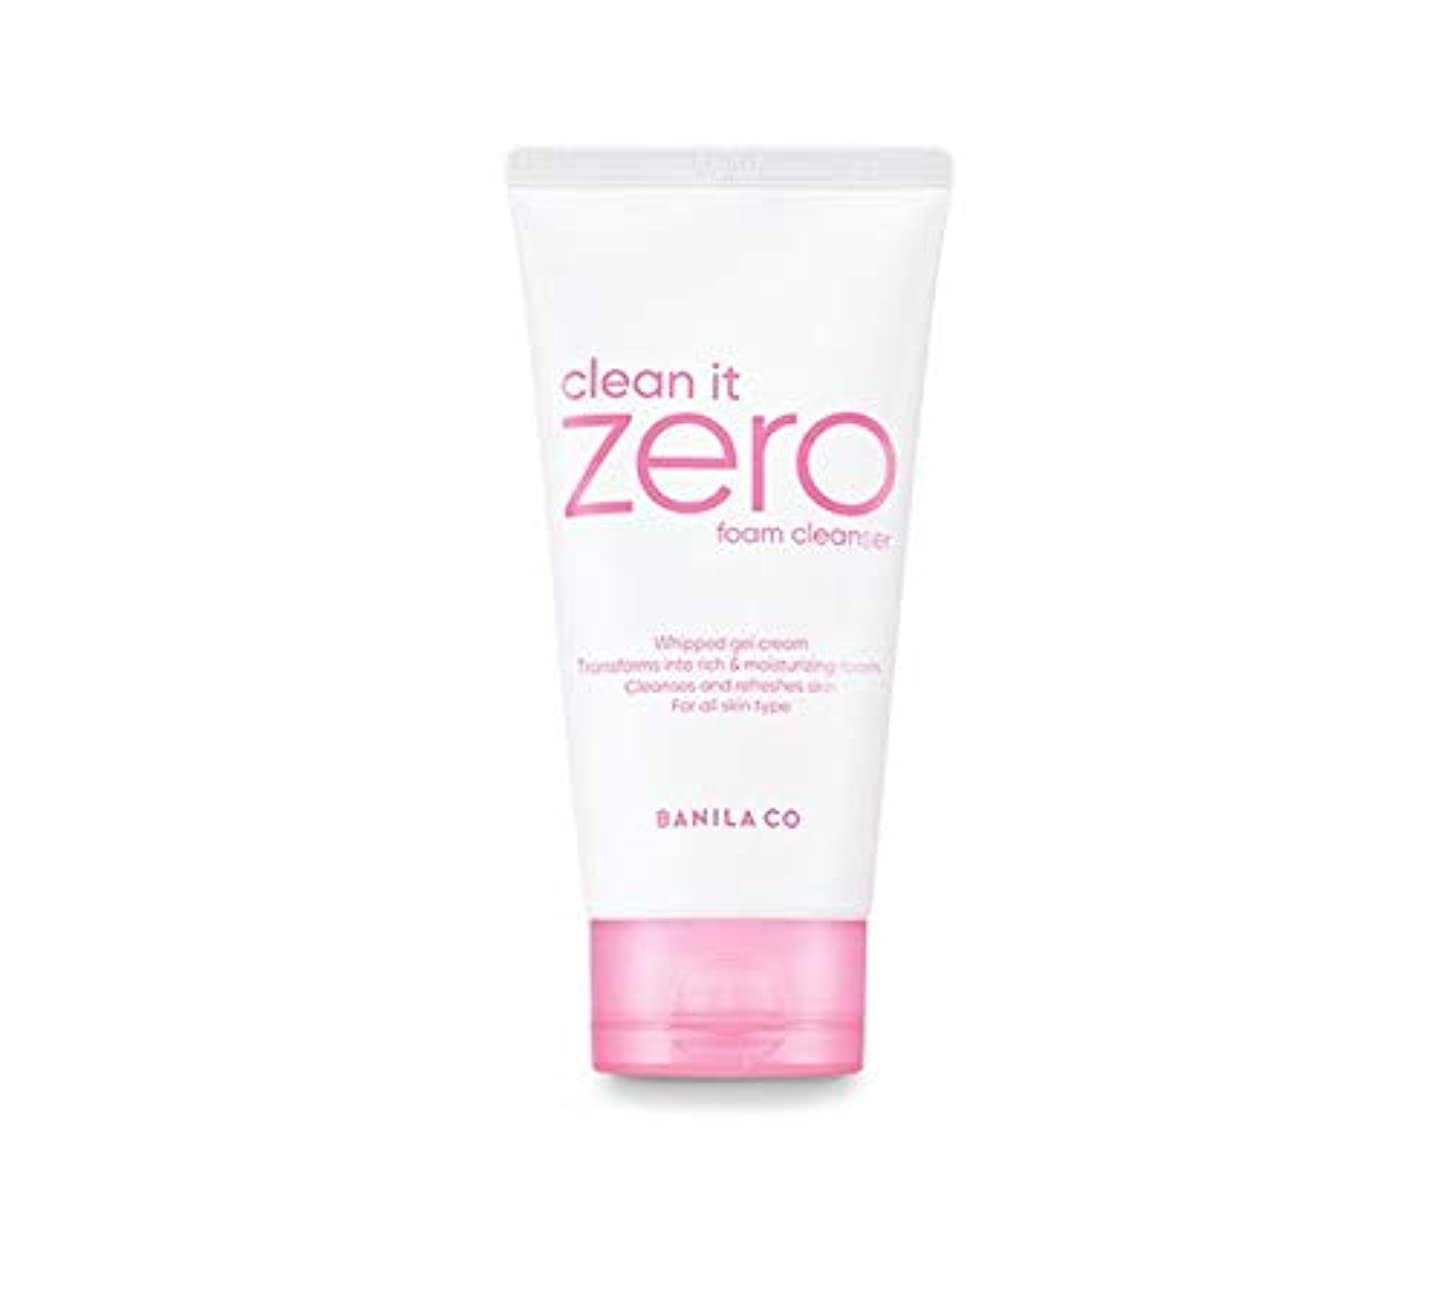 試してみるホールドステッチbanilaco クリーンイットゼロフォームクレンザー/Clean It Zero Foam Cleanser 150ml [並行輸入品]